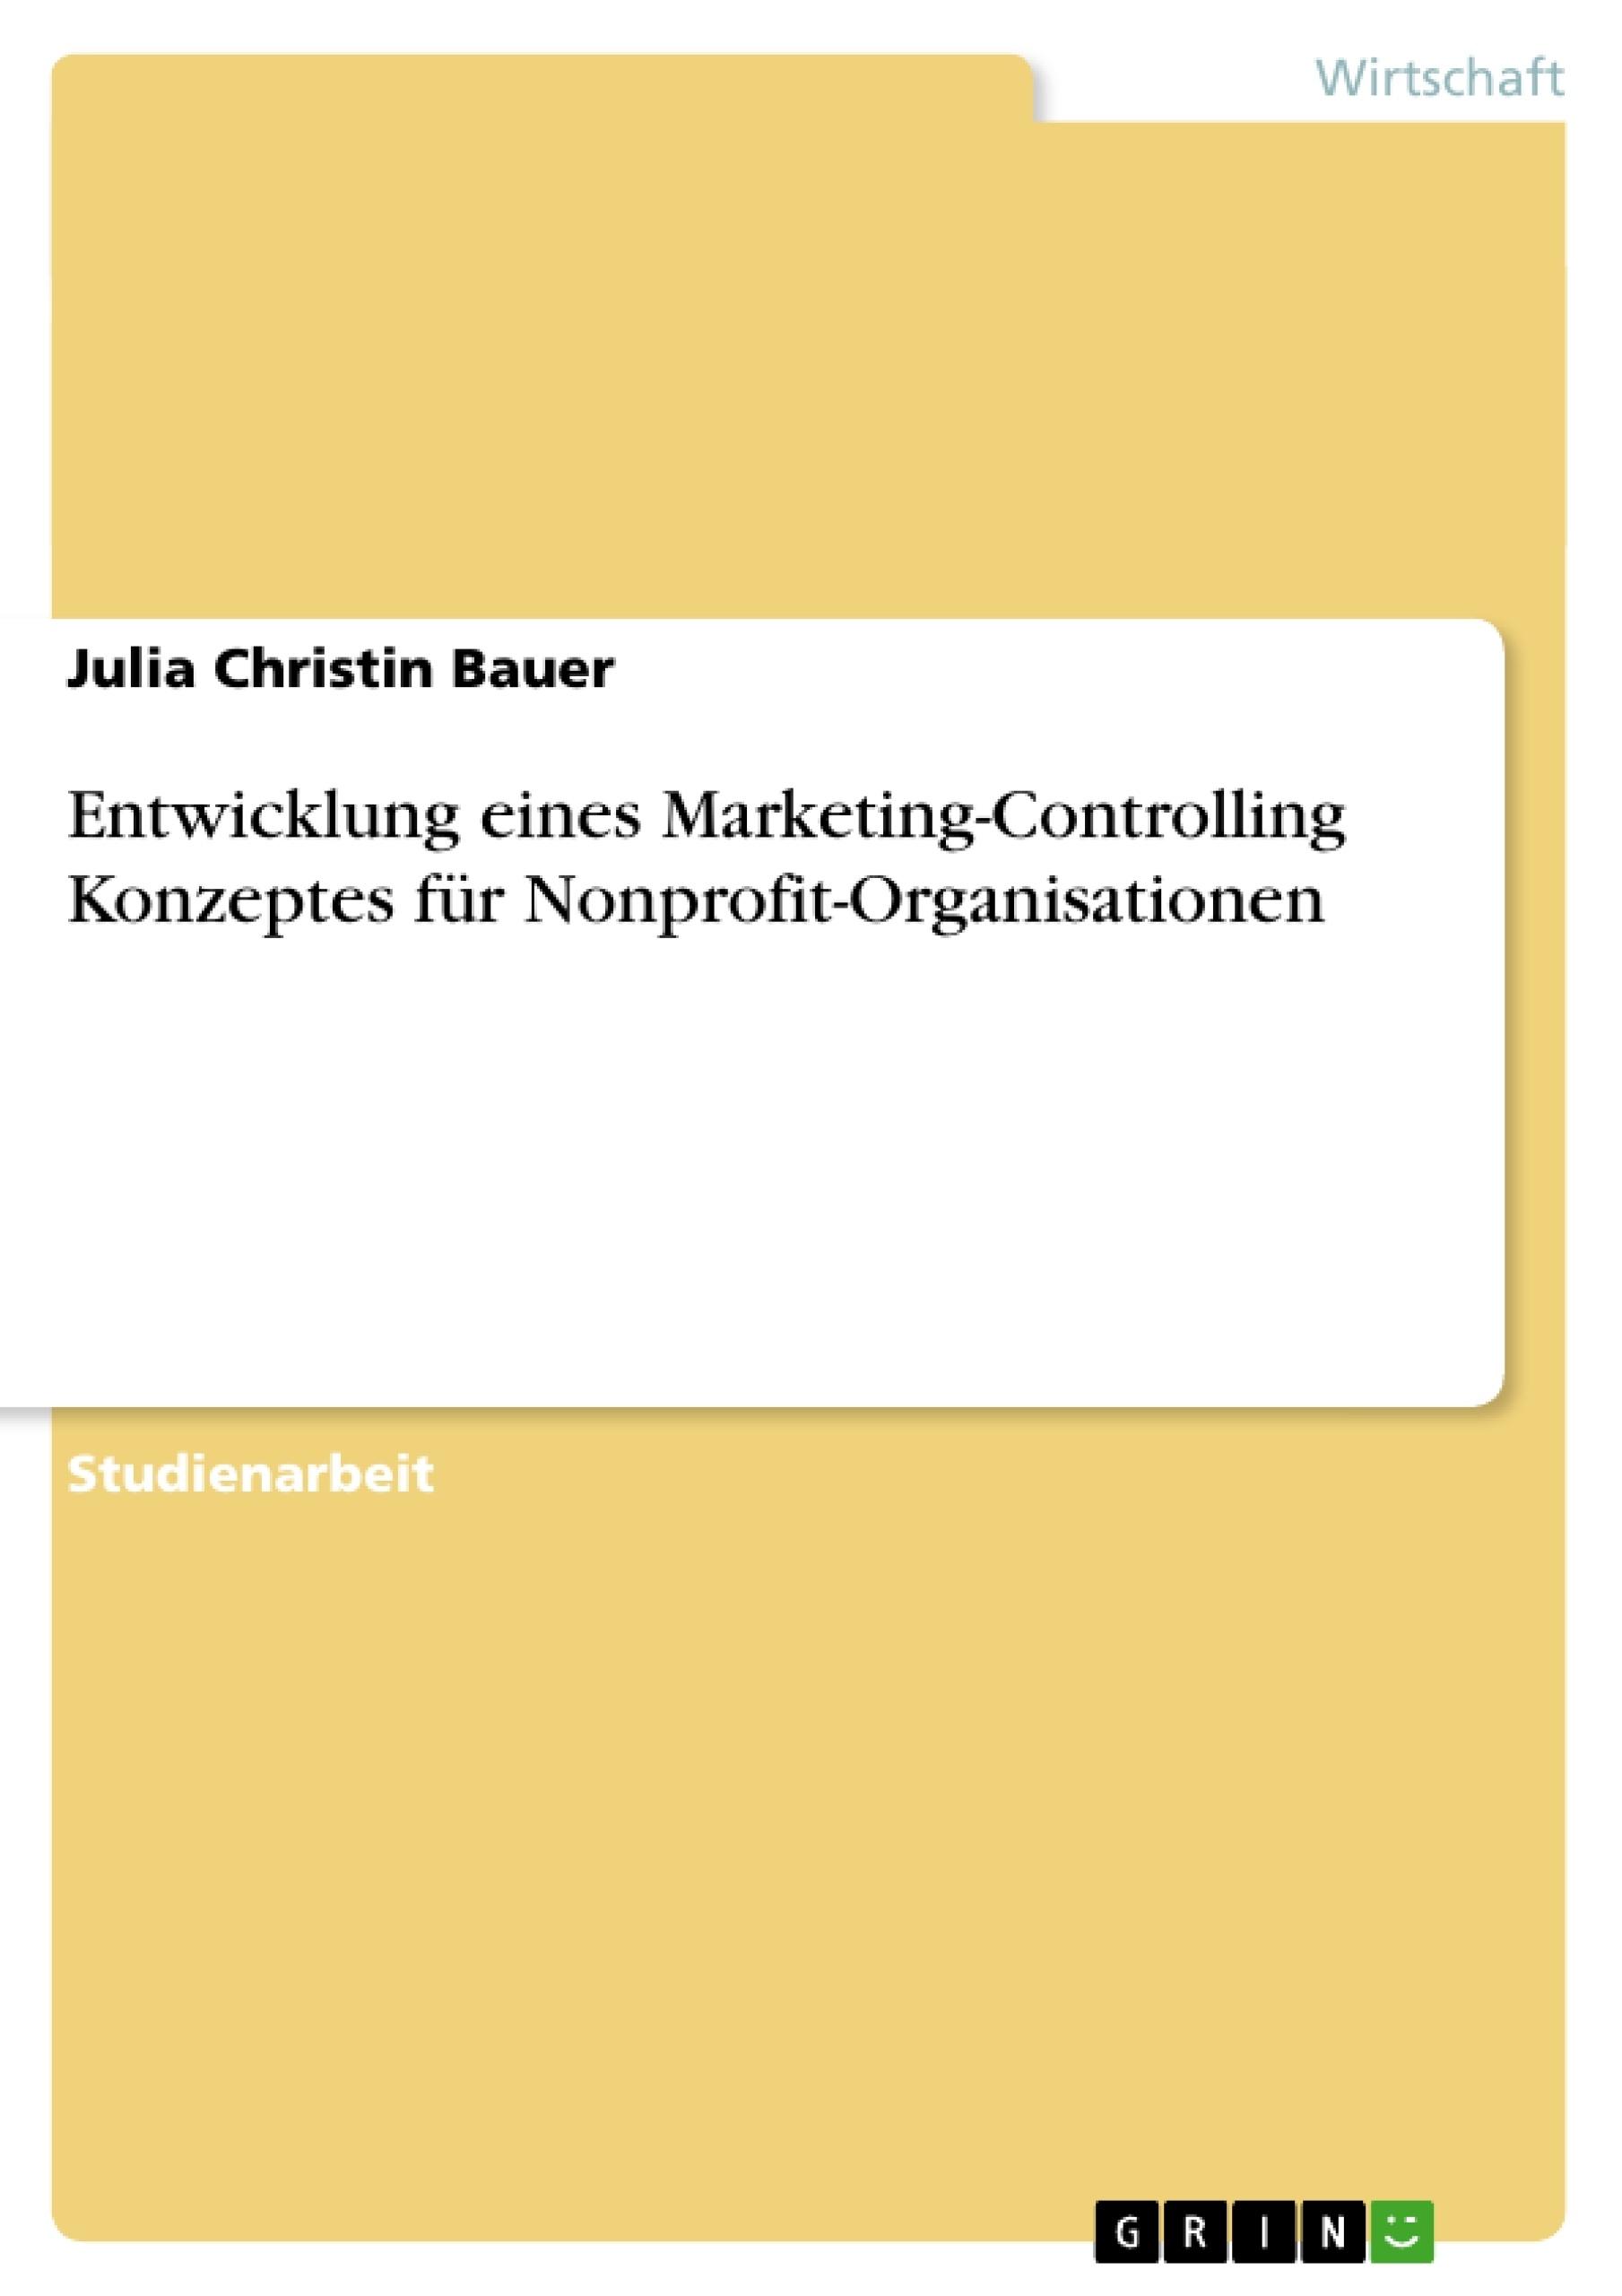 Titel: Entwicklung eines Marketing-Controlling Konzeptes für Nonprofit-Organisationen